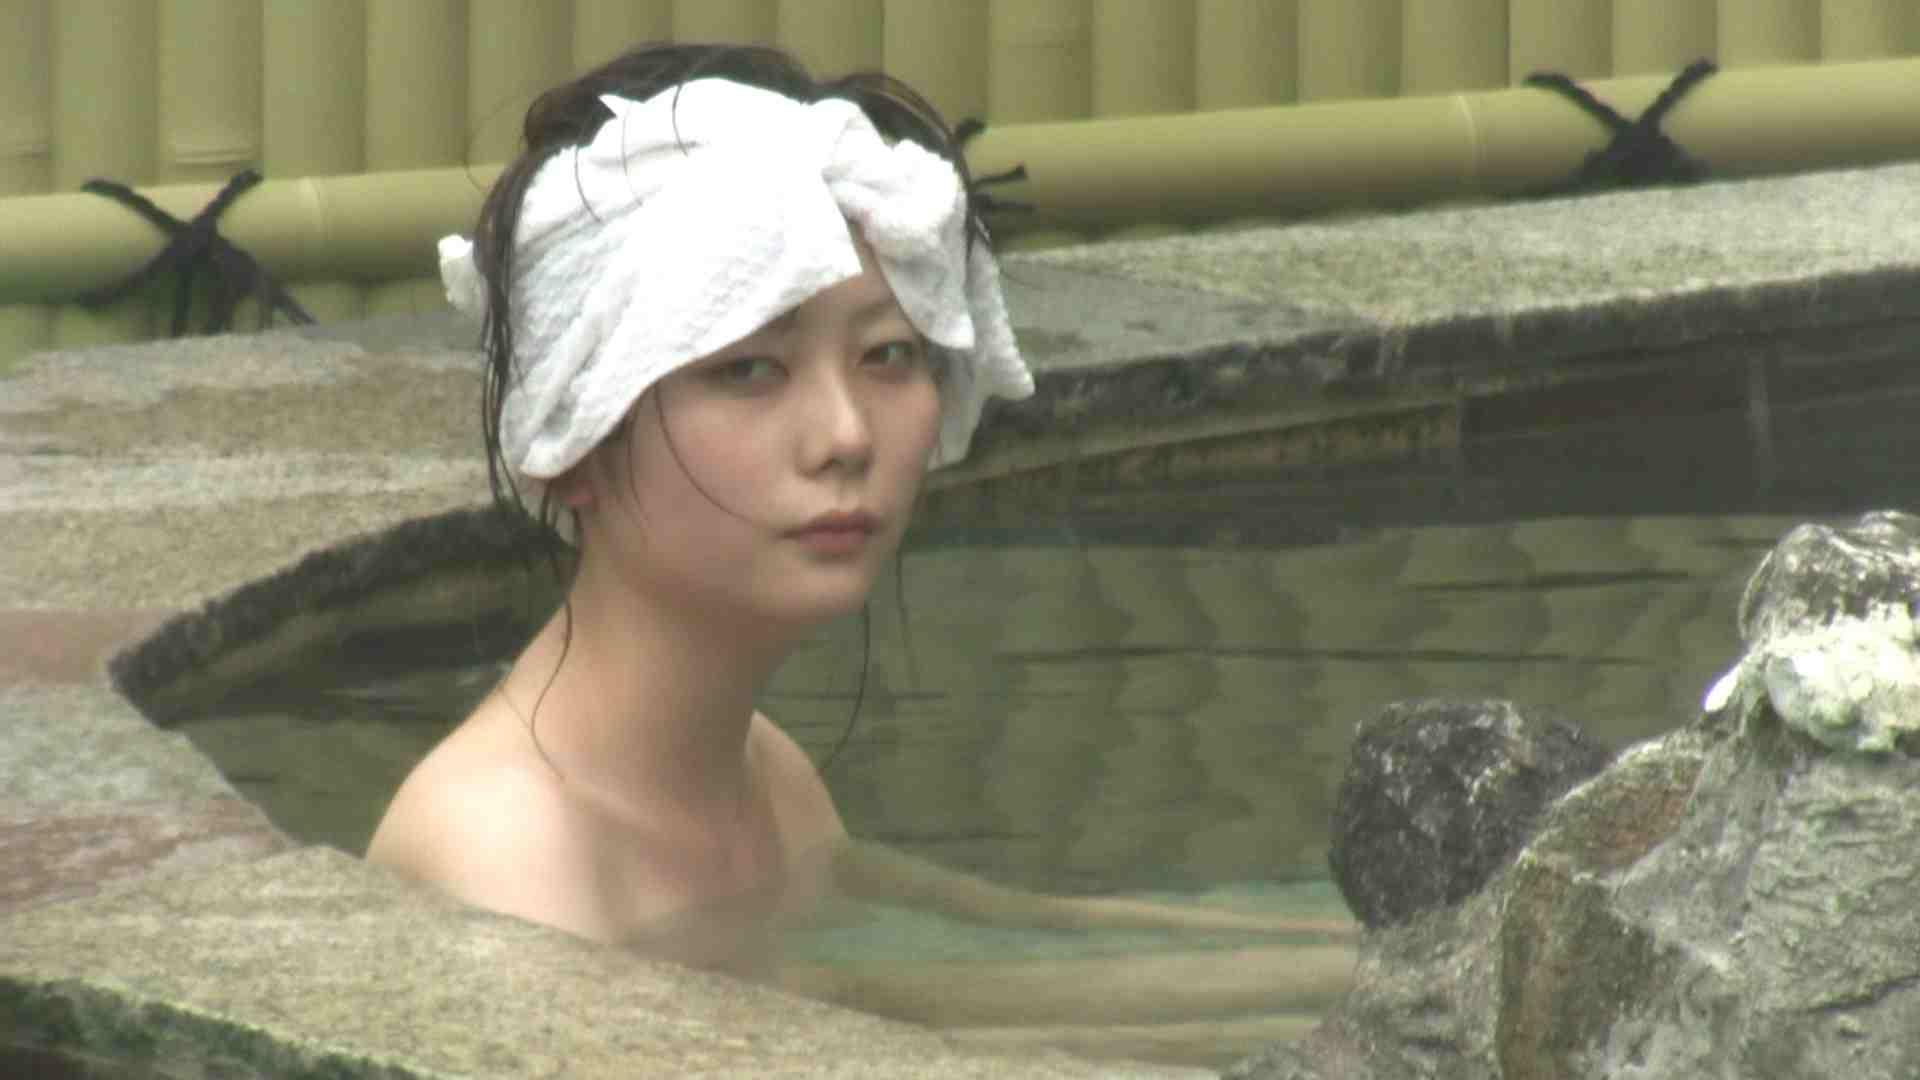 Aquaな露天風呂Vol.147 OLエロ画像  84PICs 42